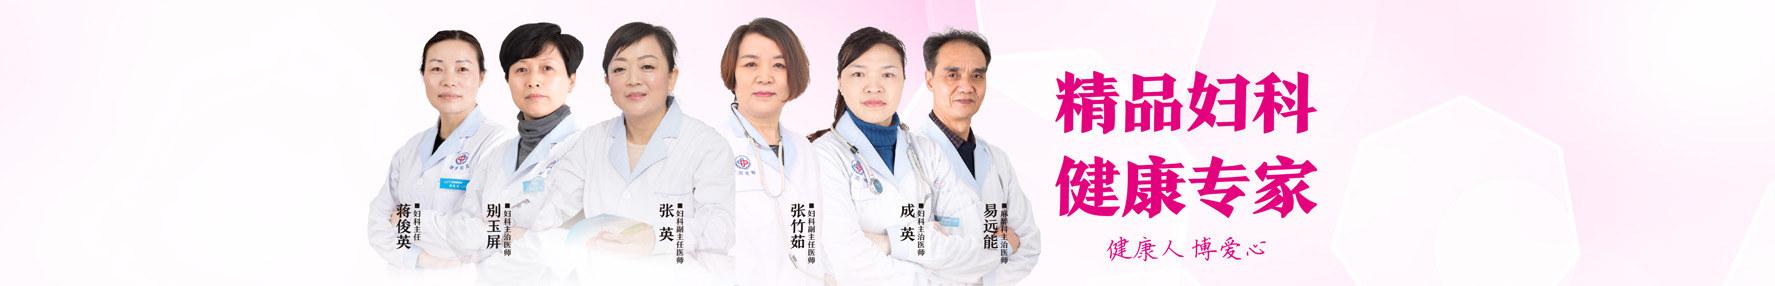 广元博爱医院